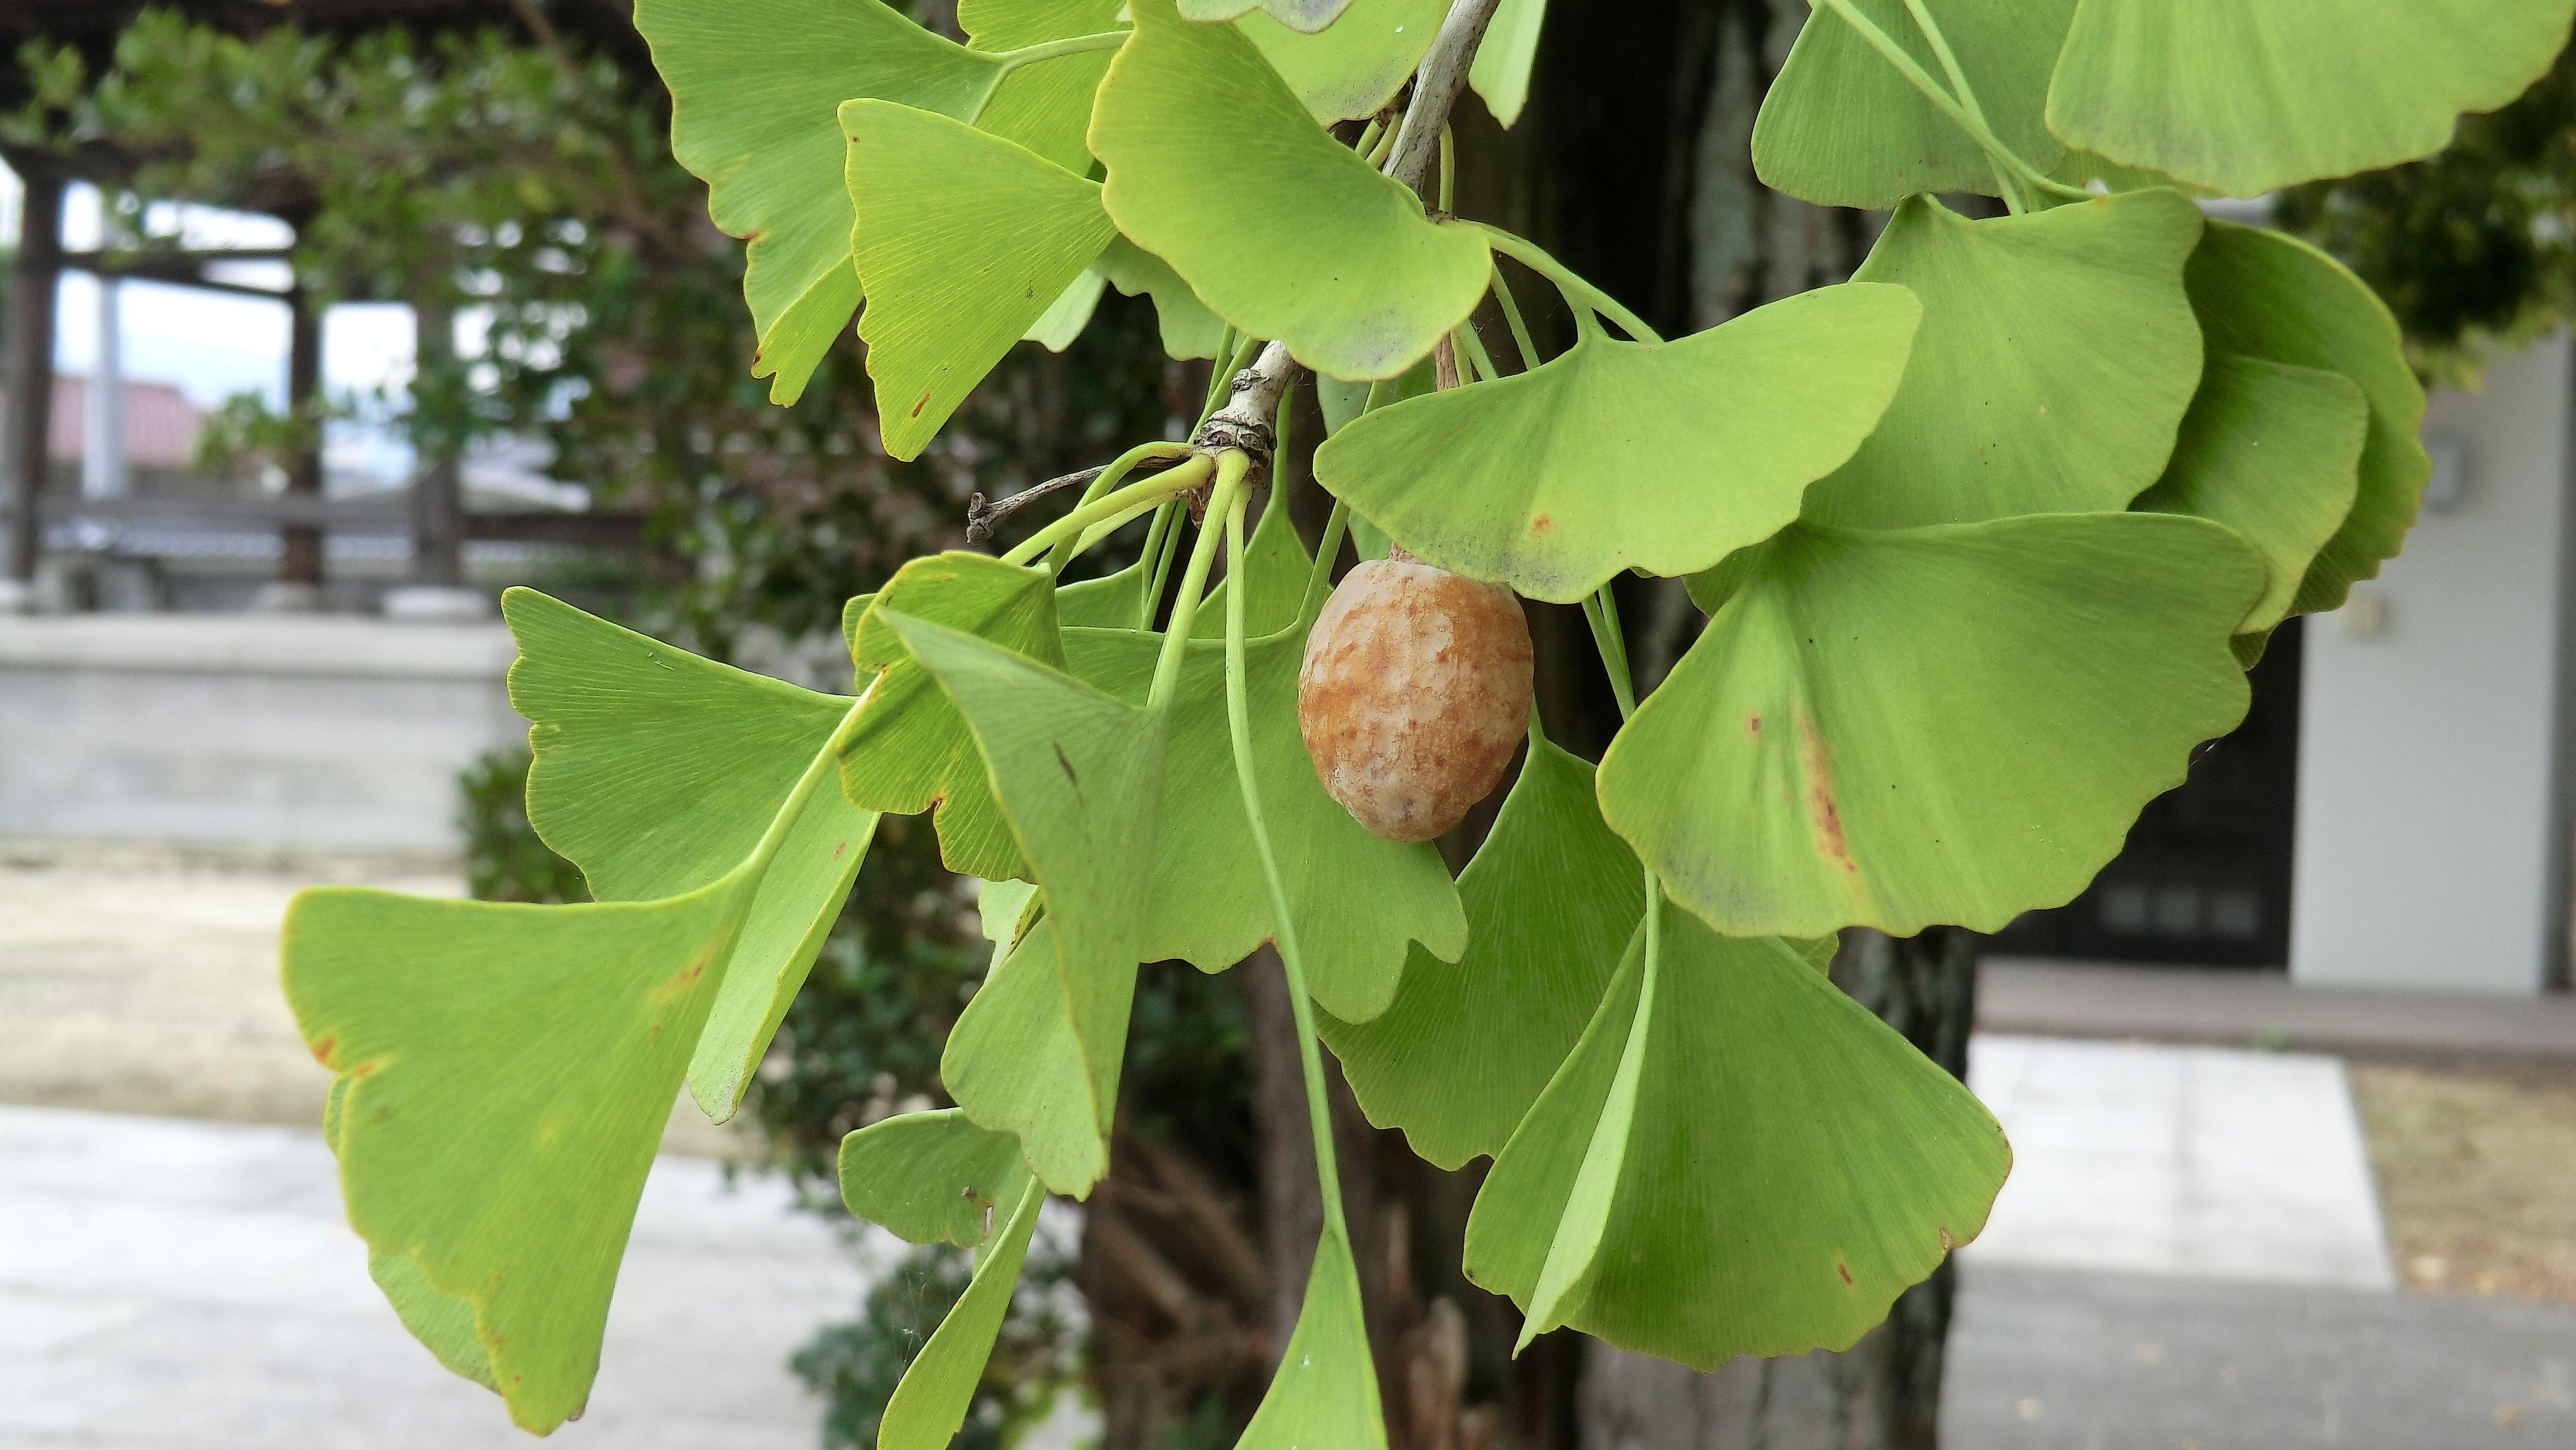 銀杏の実と葉